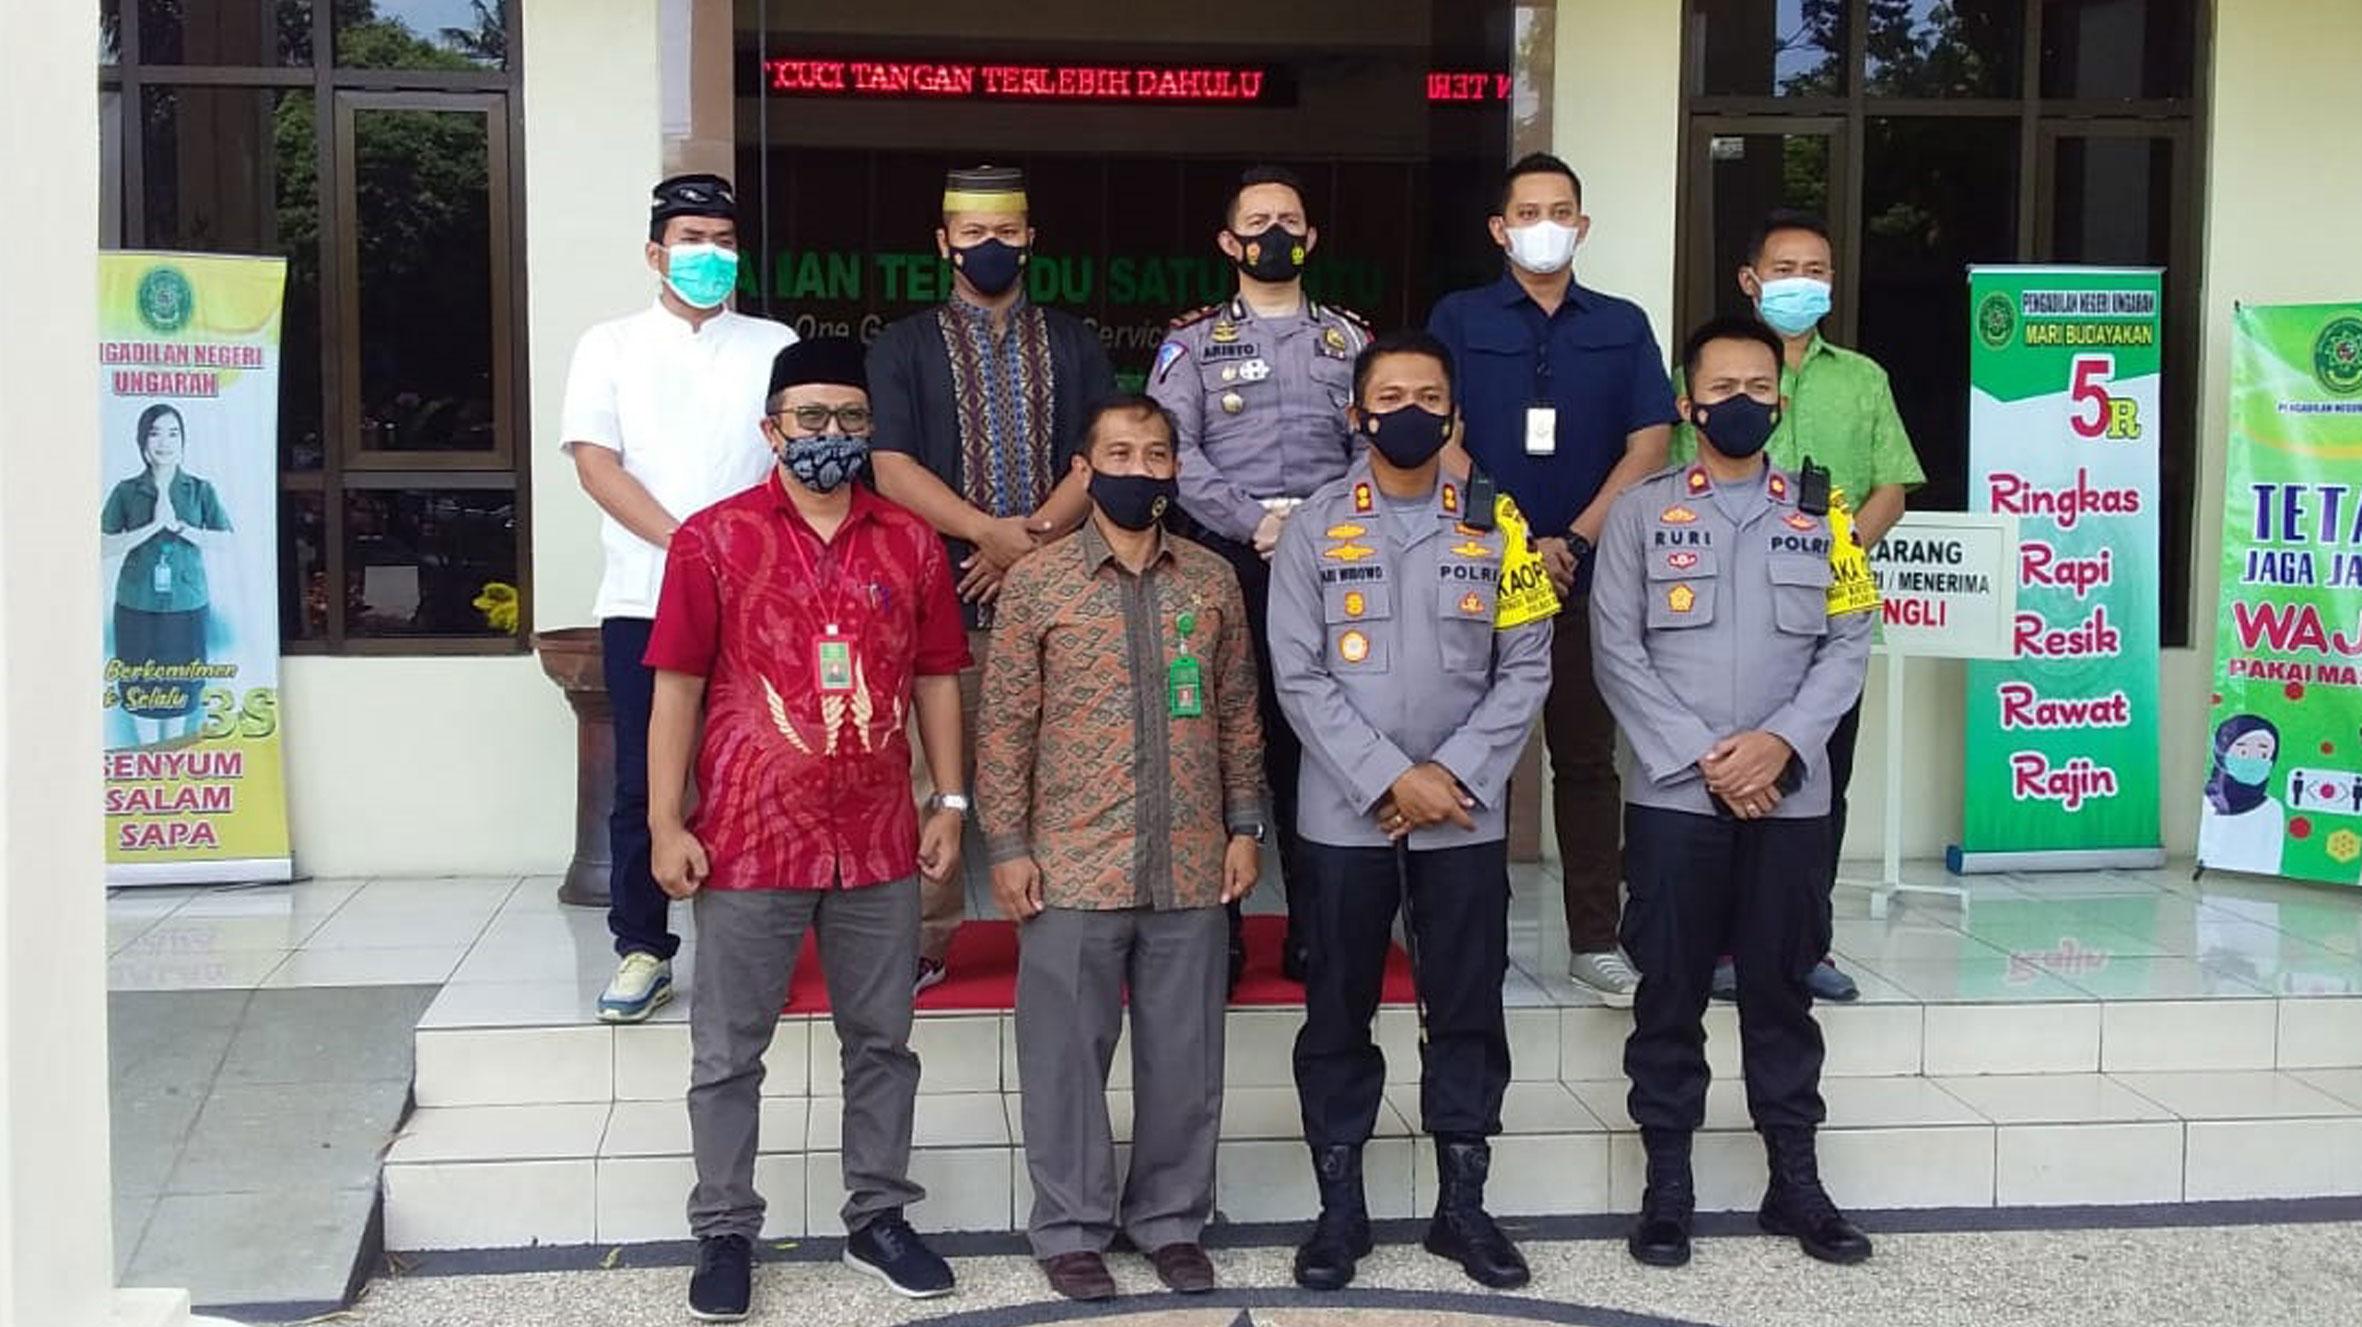 Perkenalan dan Silahturahmi Kapolres Kab. Semarang didampingi oleh Wakapolres Kab. Semarang